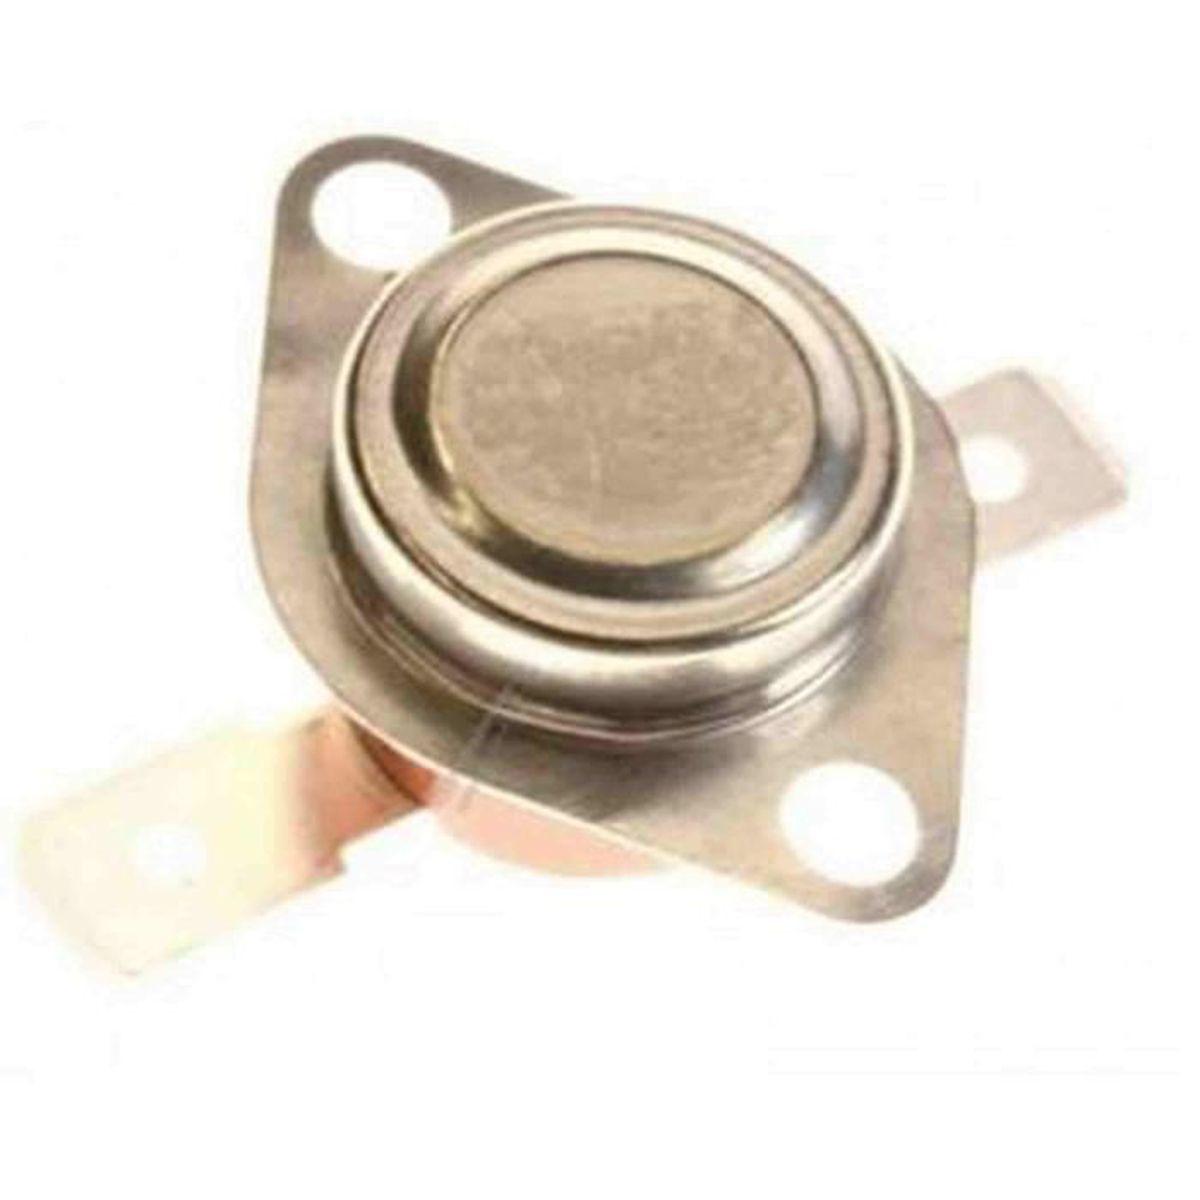 WHIRLPOOL LADEN Thermostats filtre sécurité Sèche-linge 481225928681 BAUKNECHT